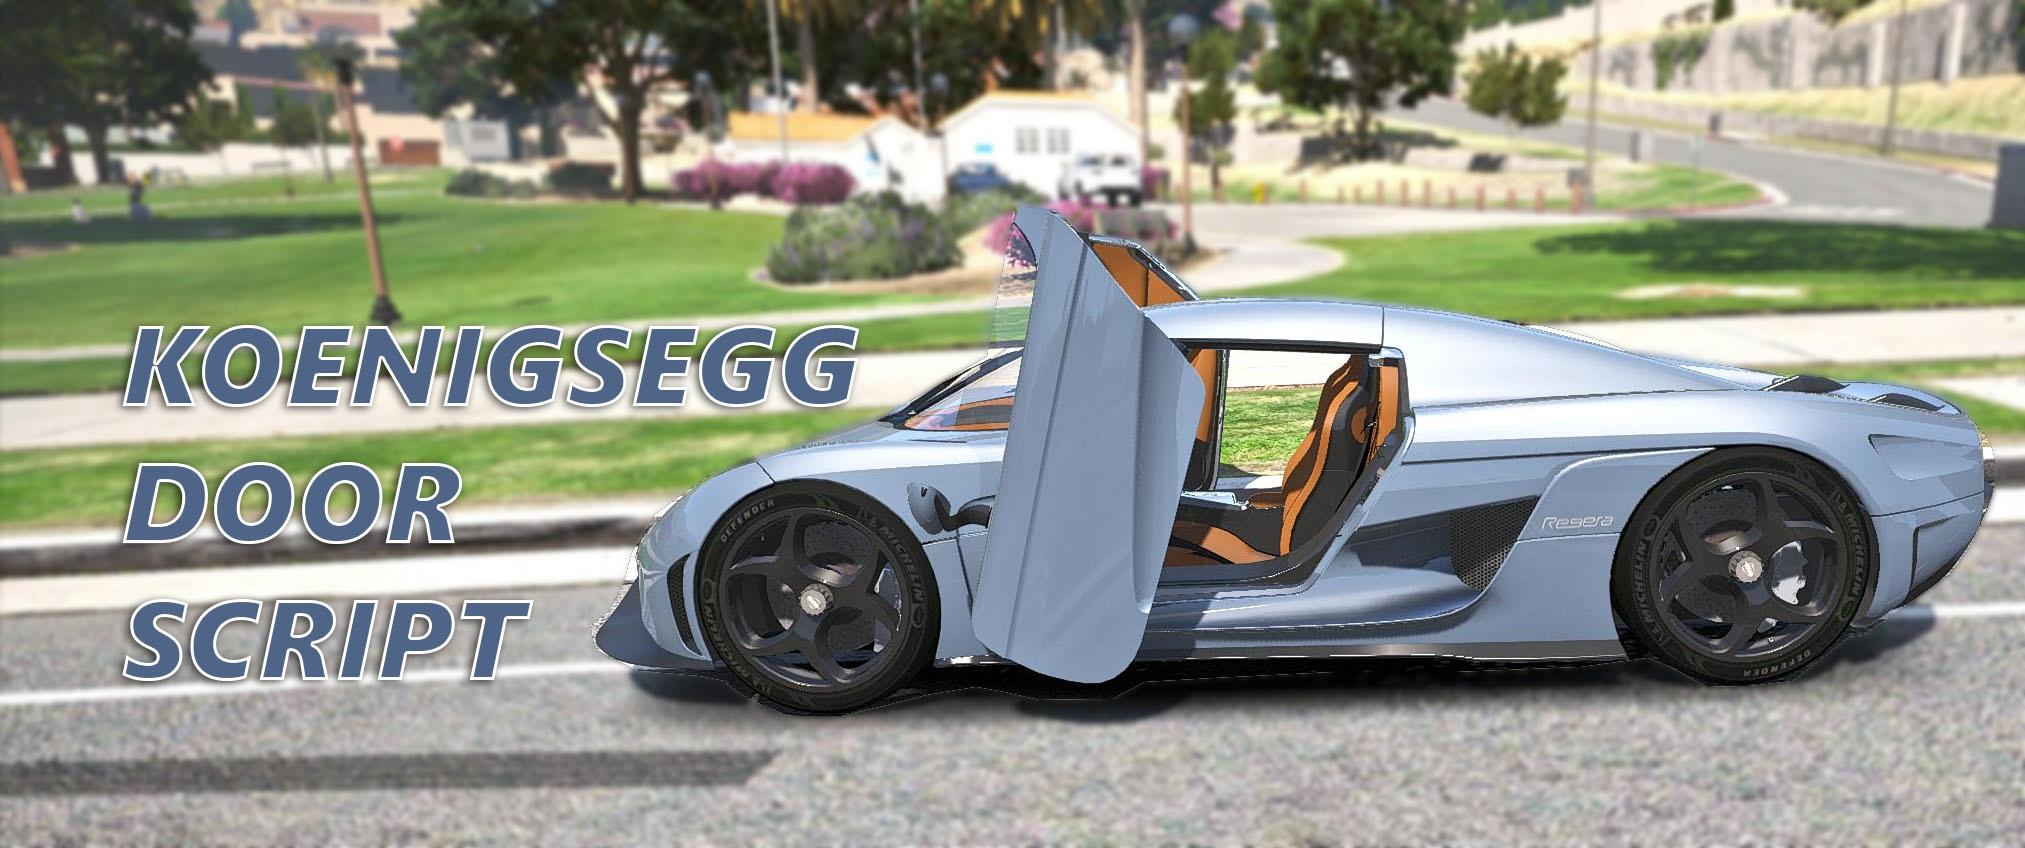 Koenigsegg Door Script 1.0